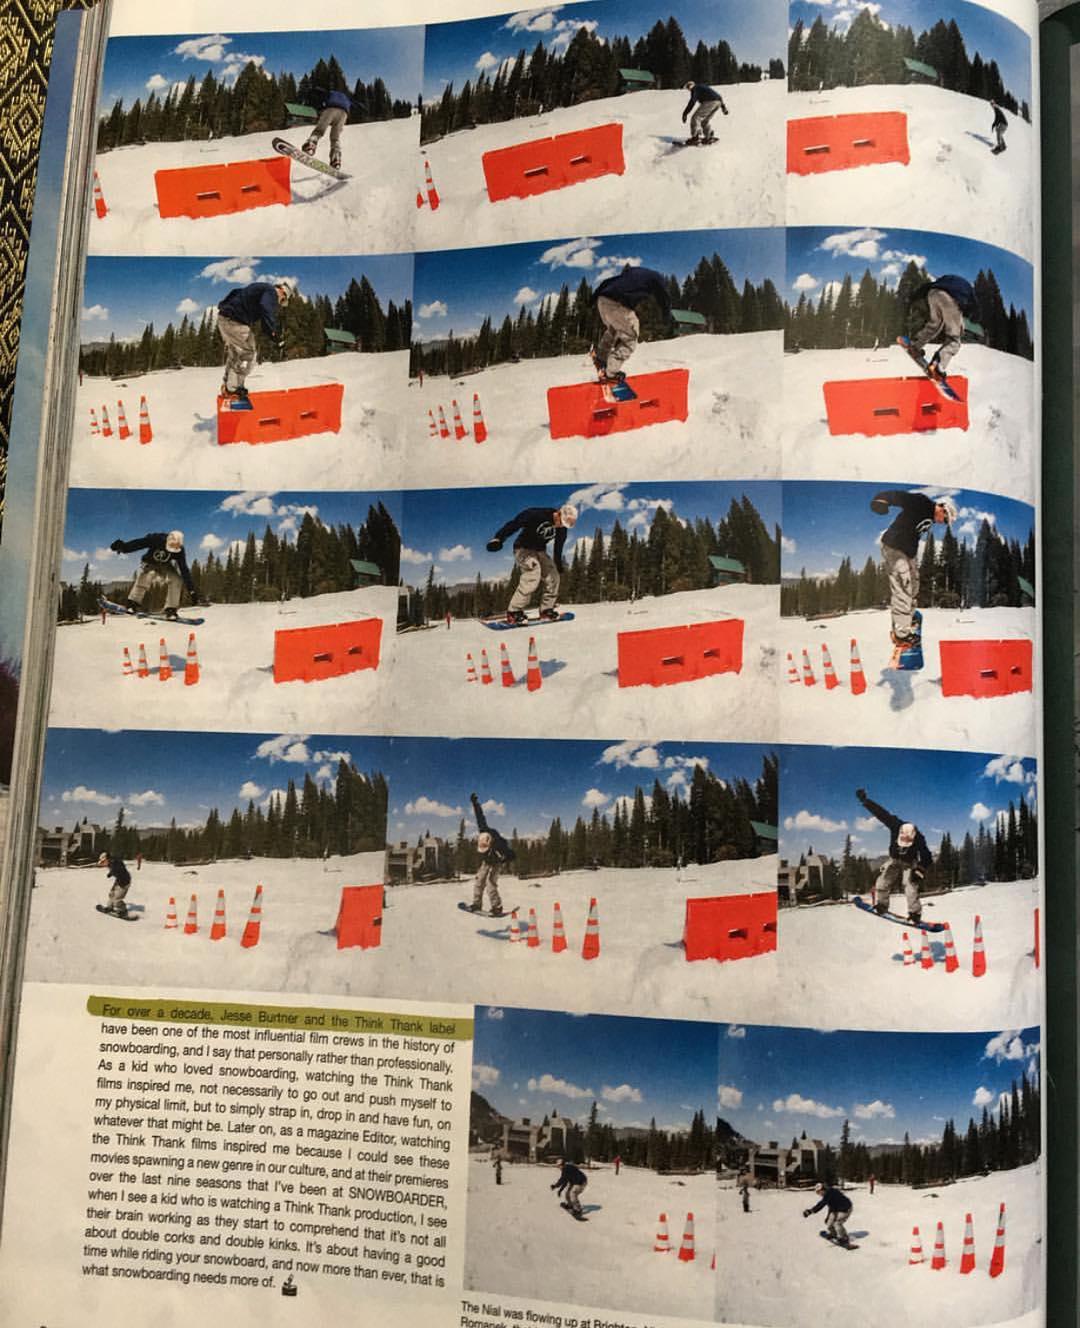 @nial_romanek  @snowboardermag